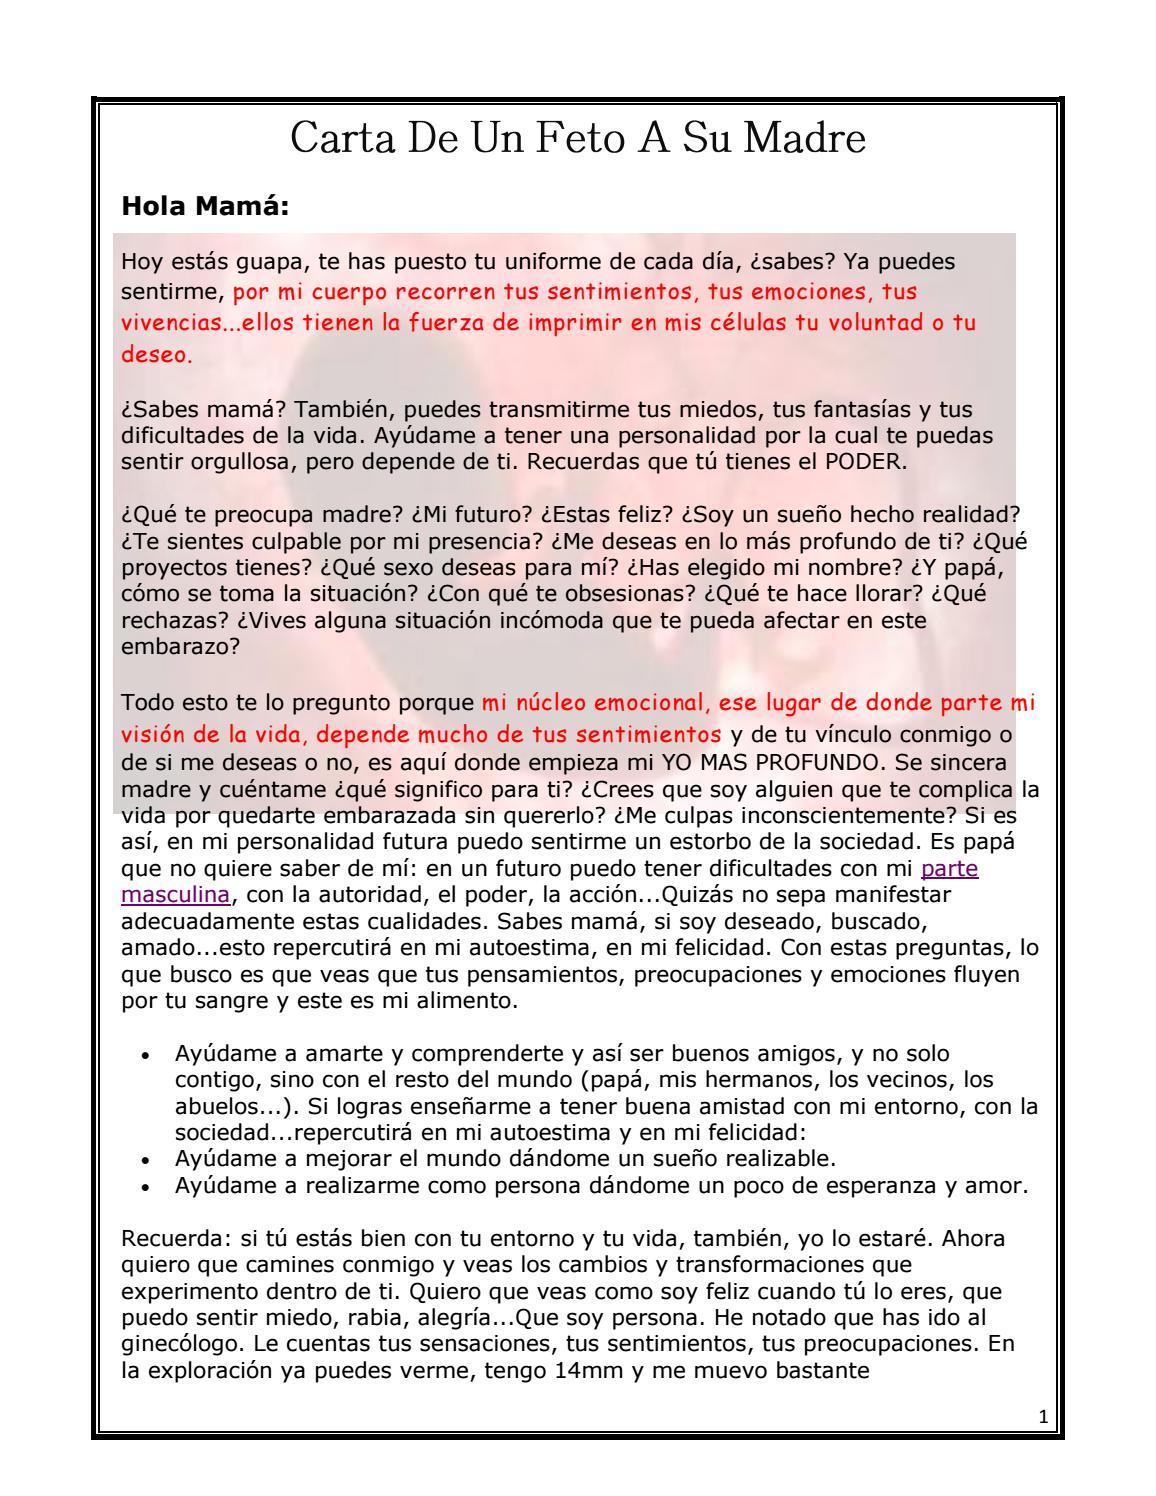 Carta De Un Feto A Su Madre By Hortencia Issuu